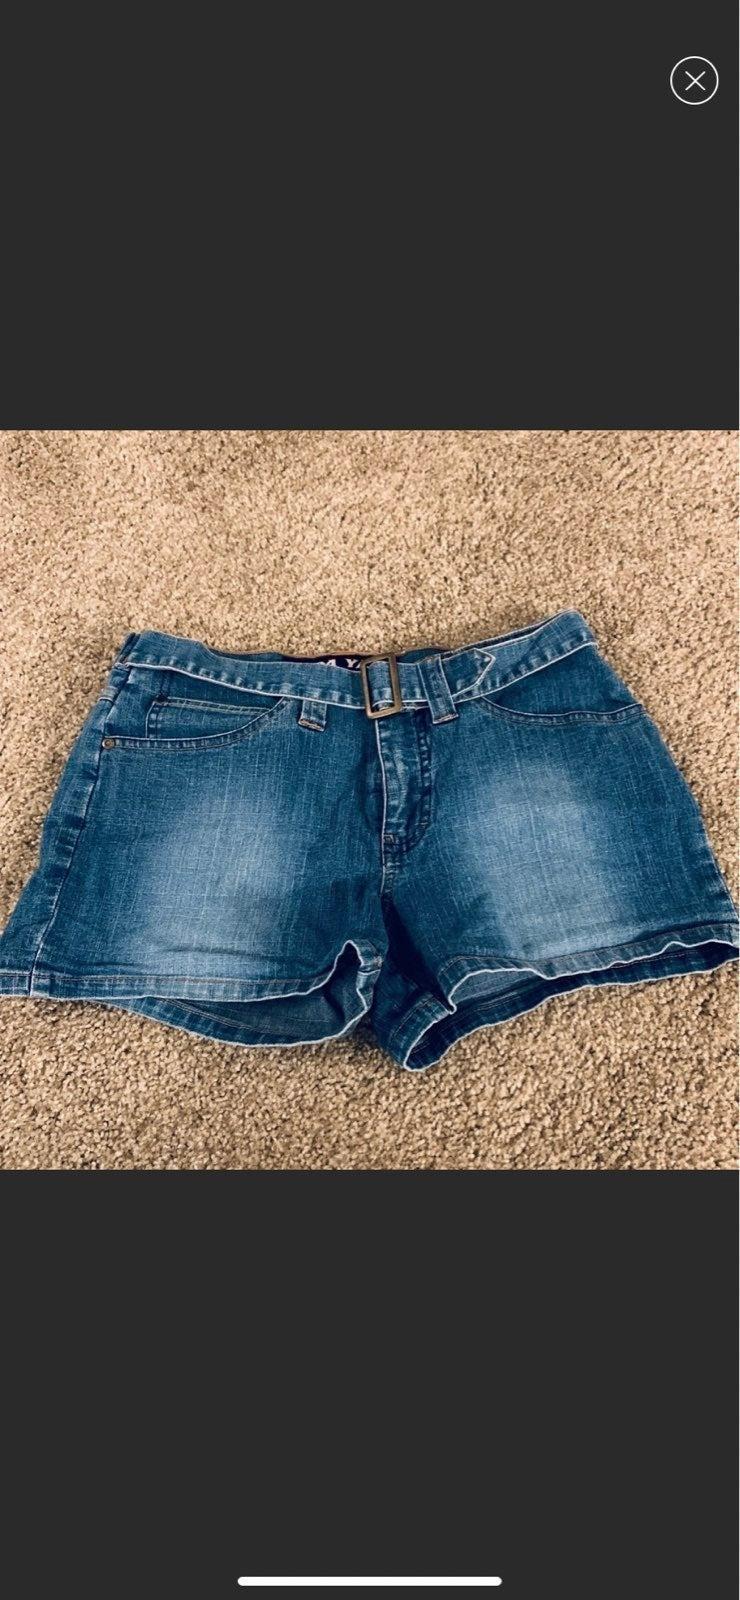 Yada yada Size 9 Jean Shorts with belt